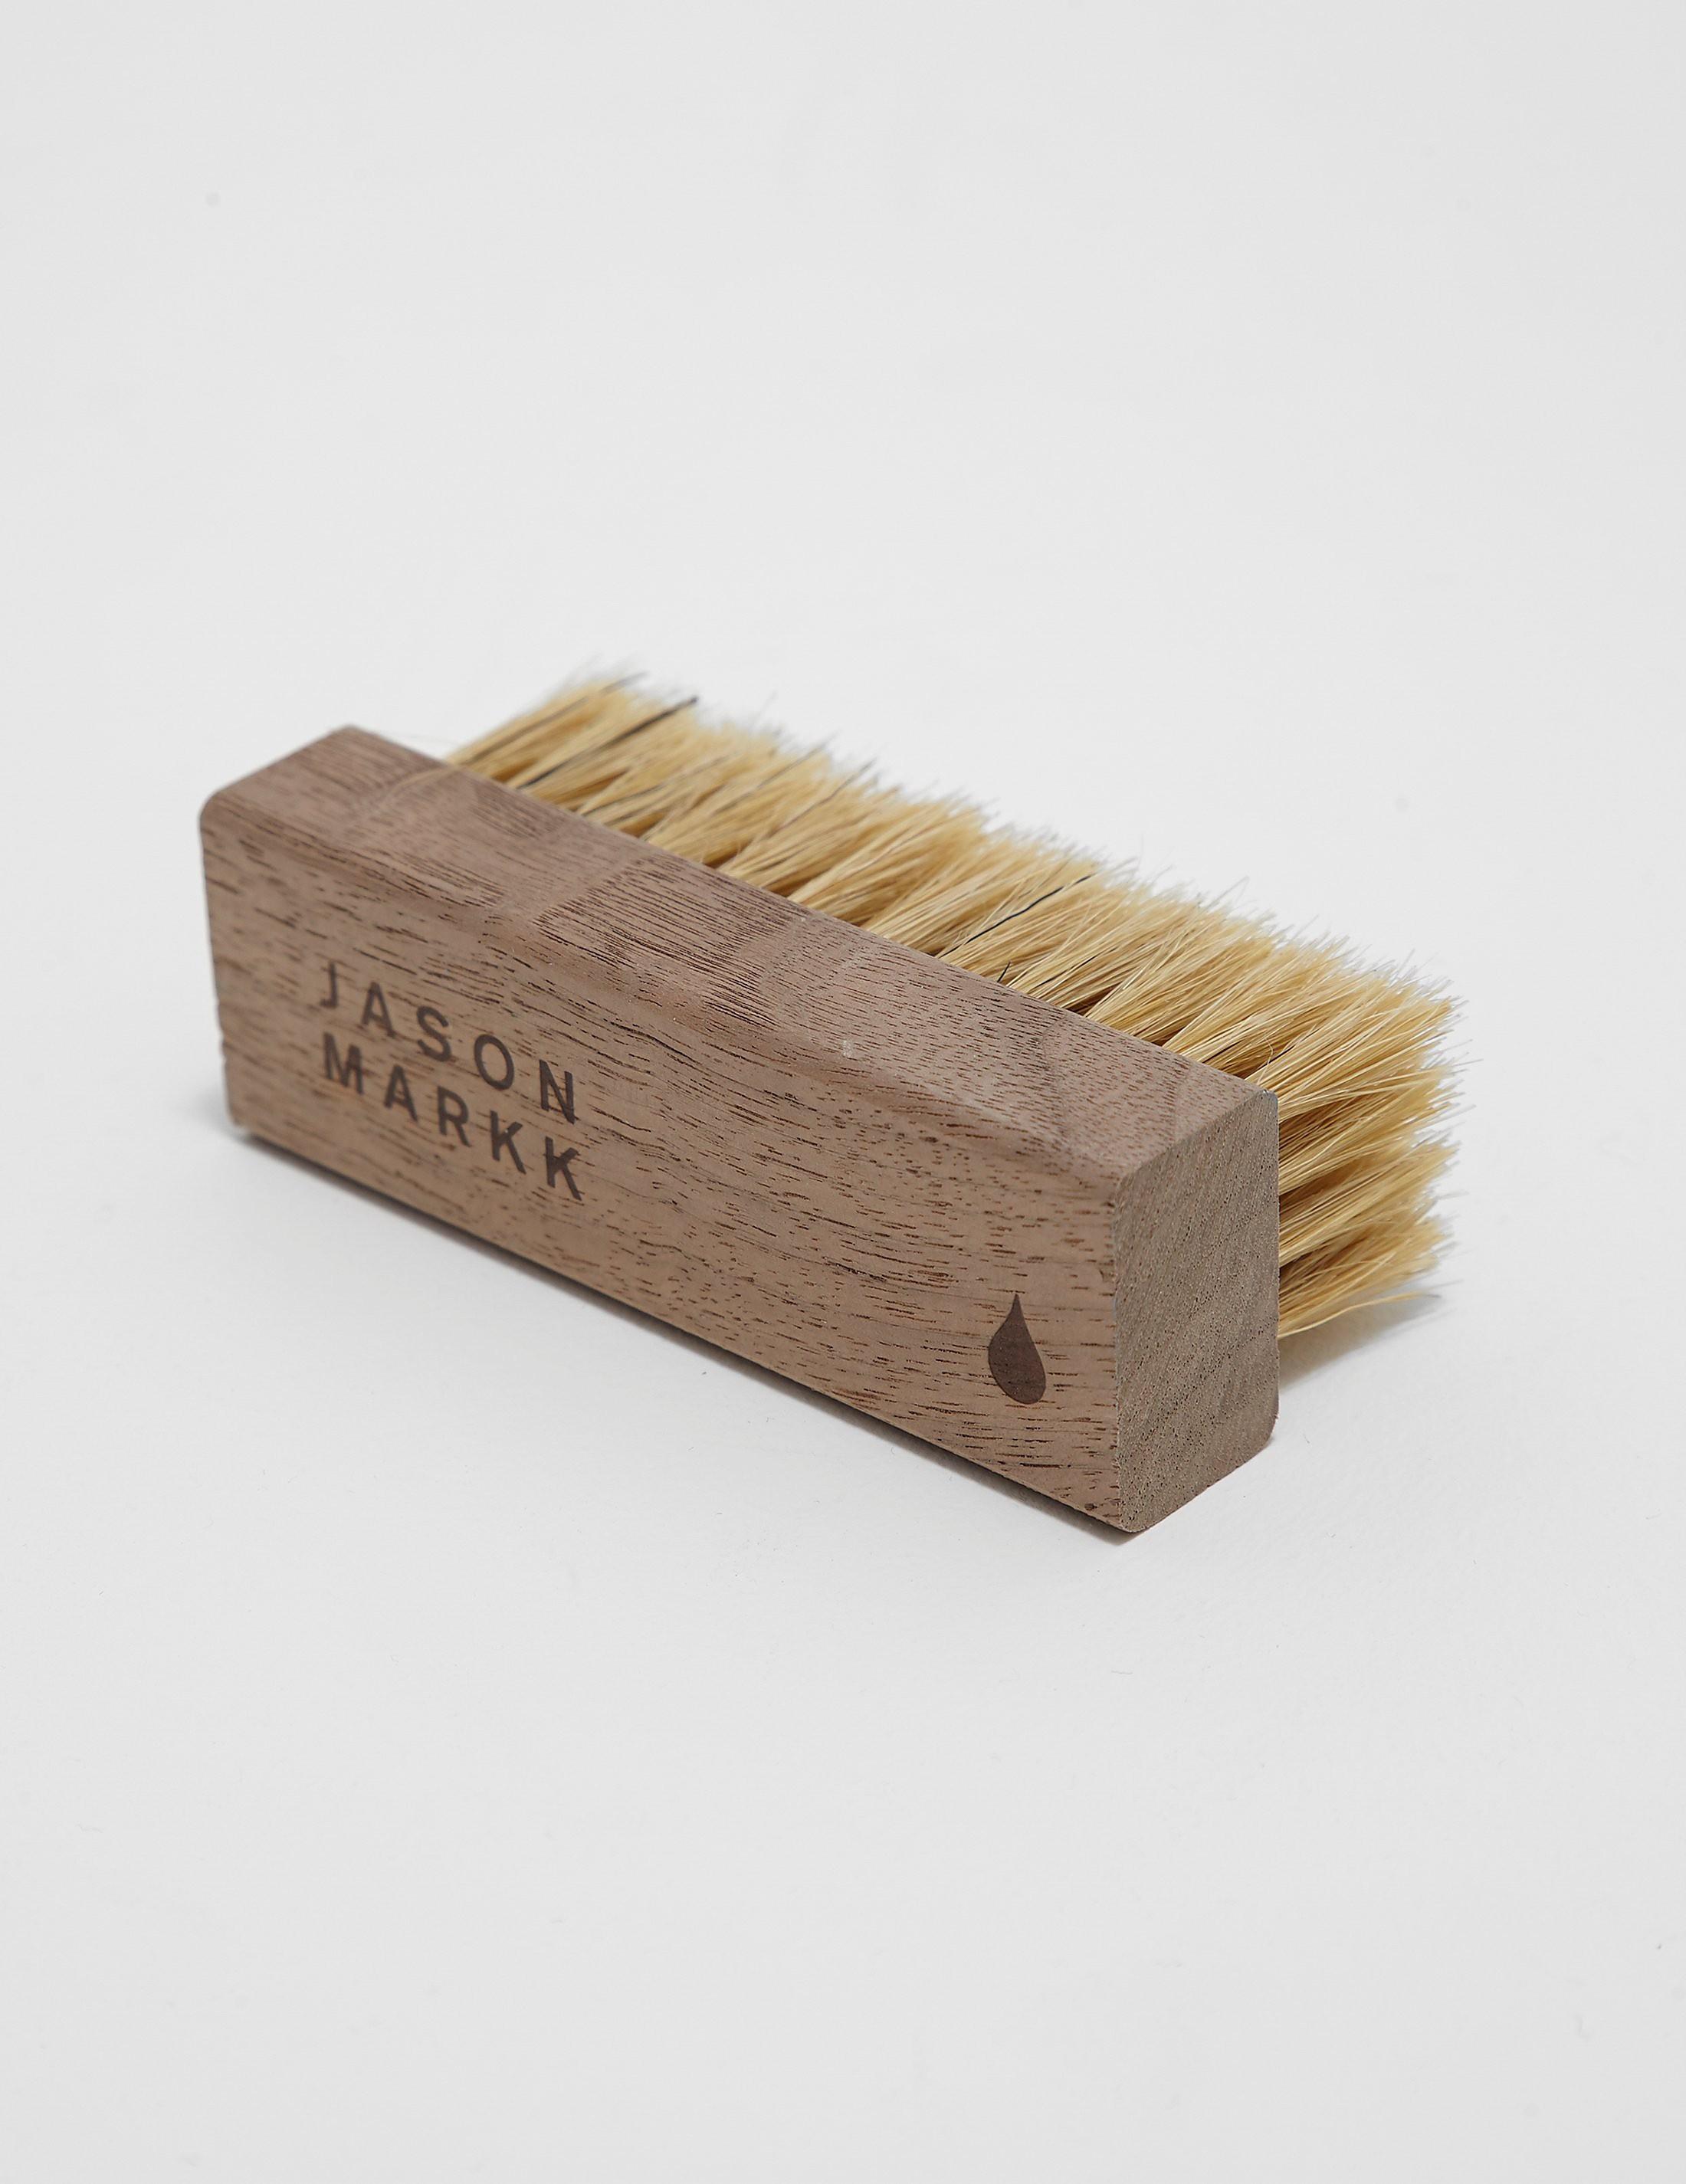 Jason Markk Premium Cleaning Brush